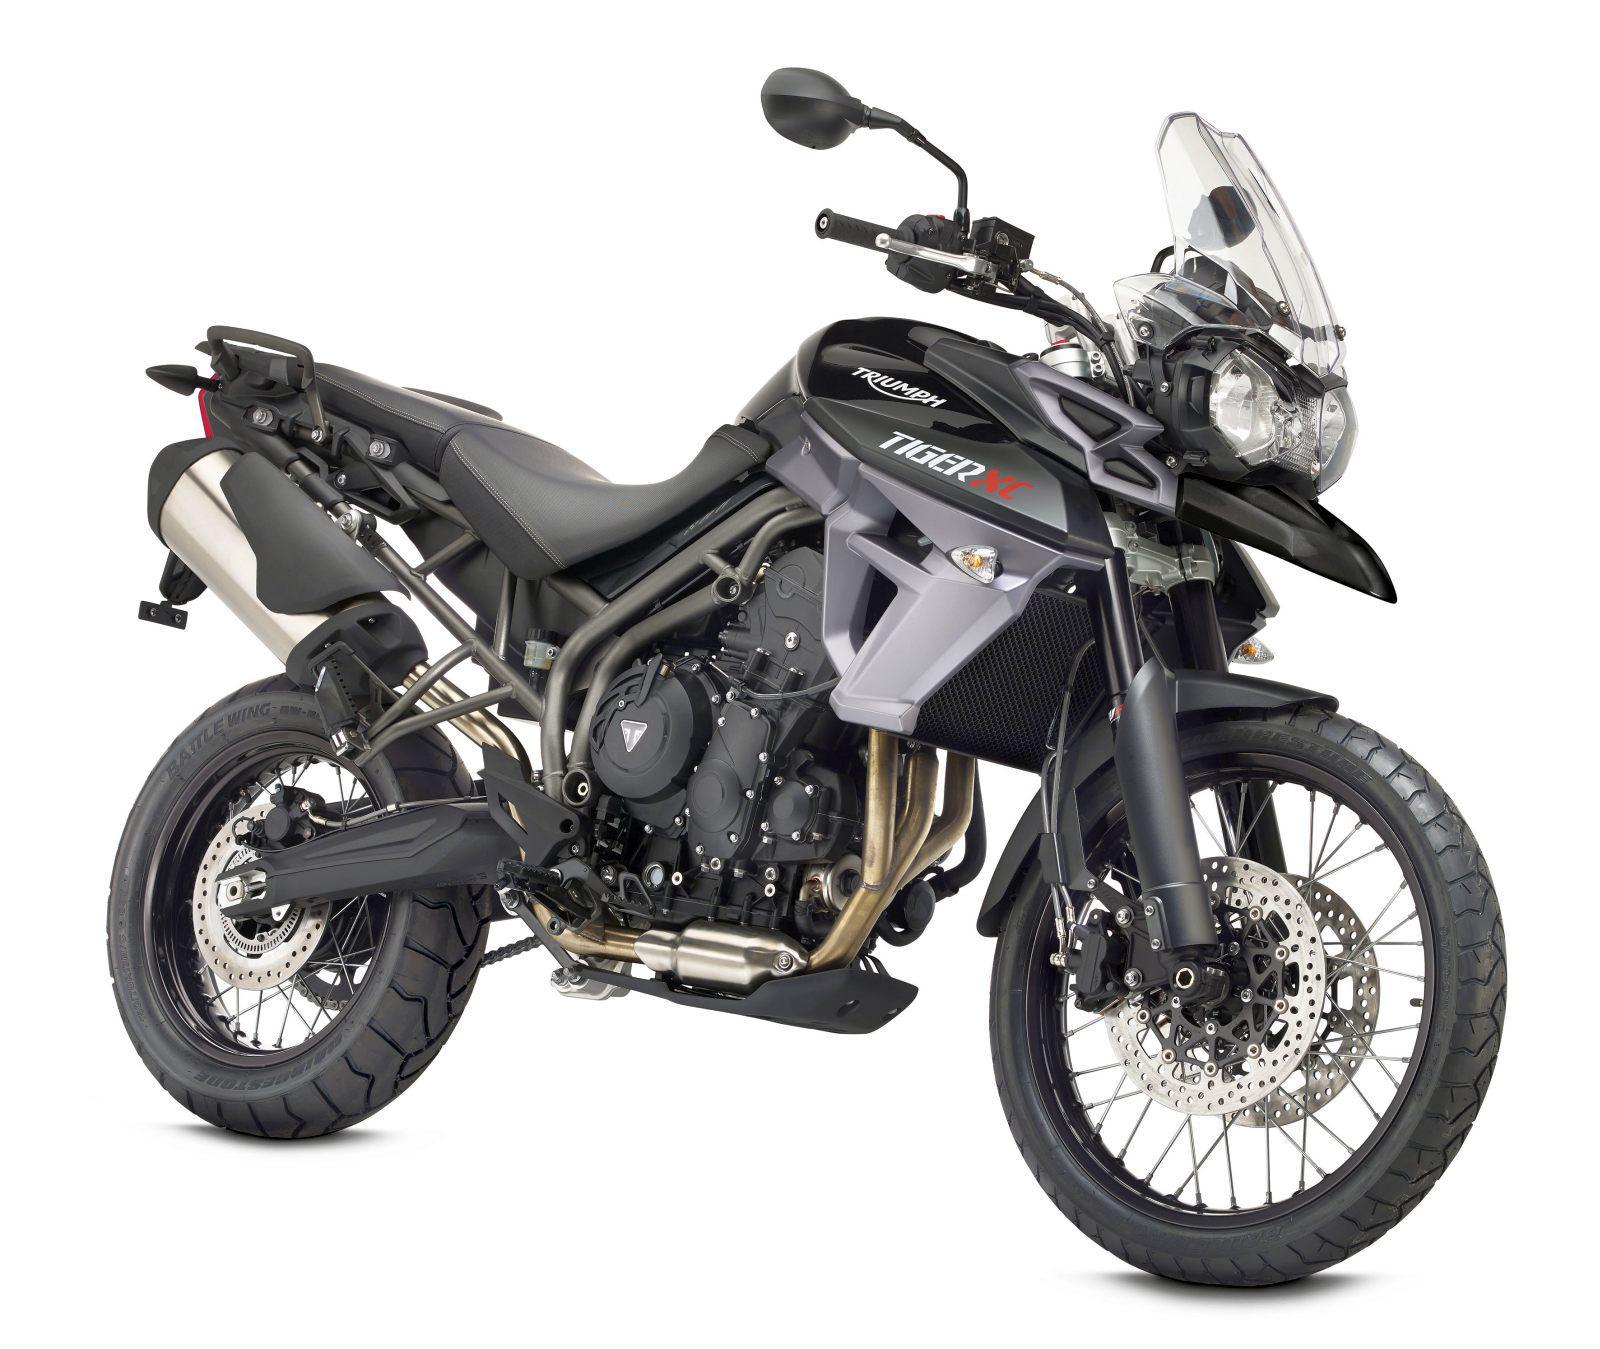 Triumph Tiger 800 Xc 2015 Motorrad Fotos Amp Motorrad Bilder